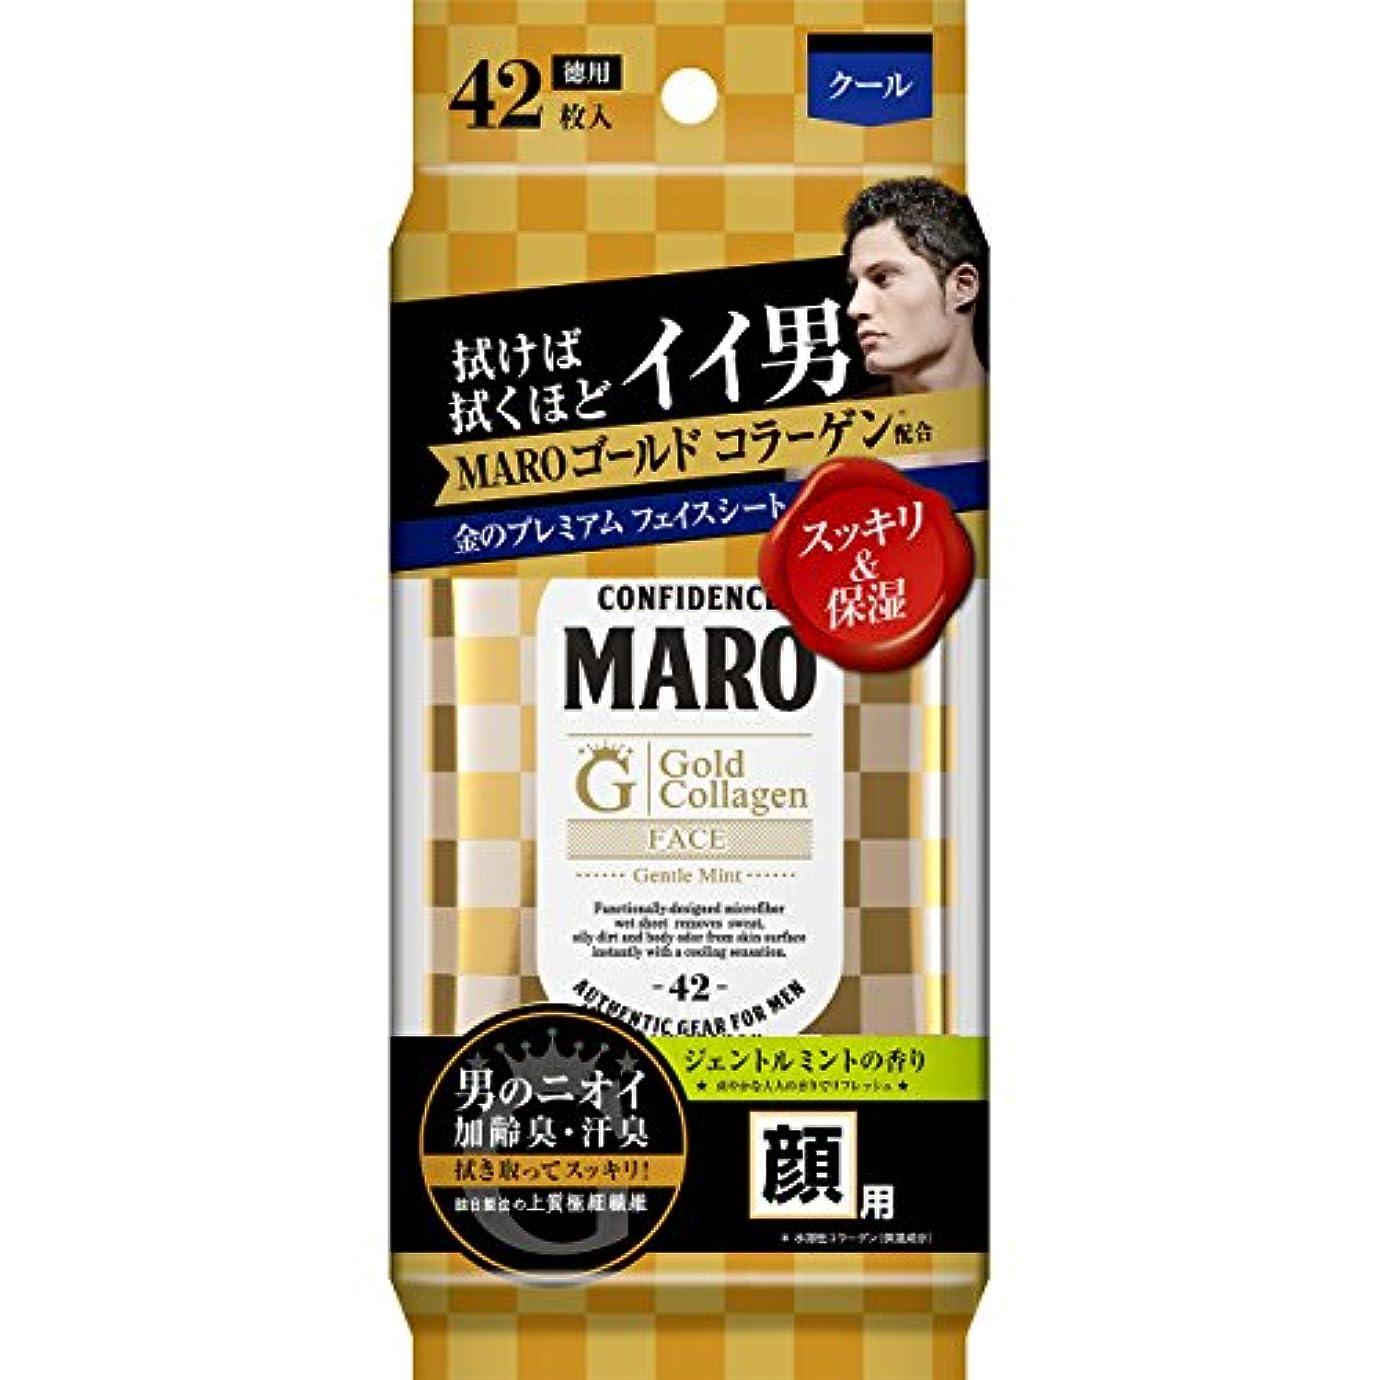 実業家想起観察するMARO プレミアム フェイスシート GOLD ジェントルミントの香り 42枚入